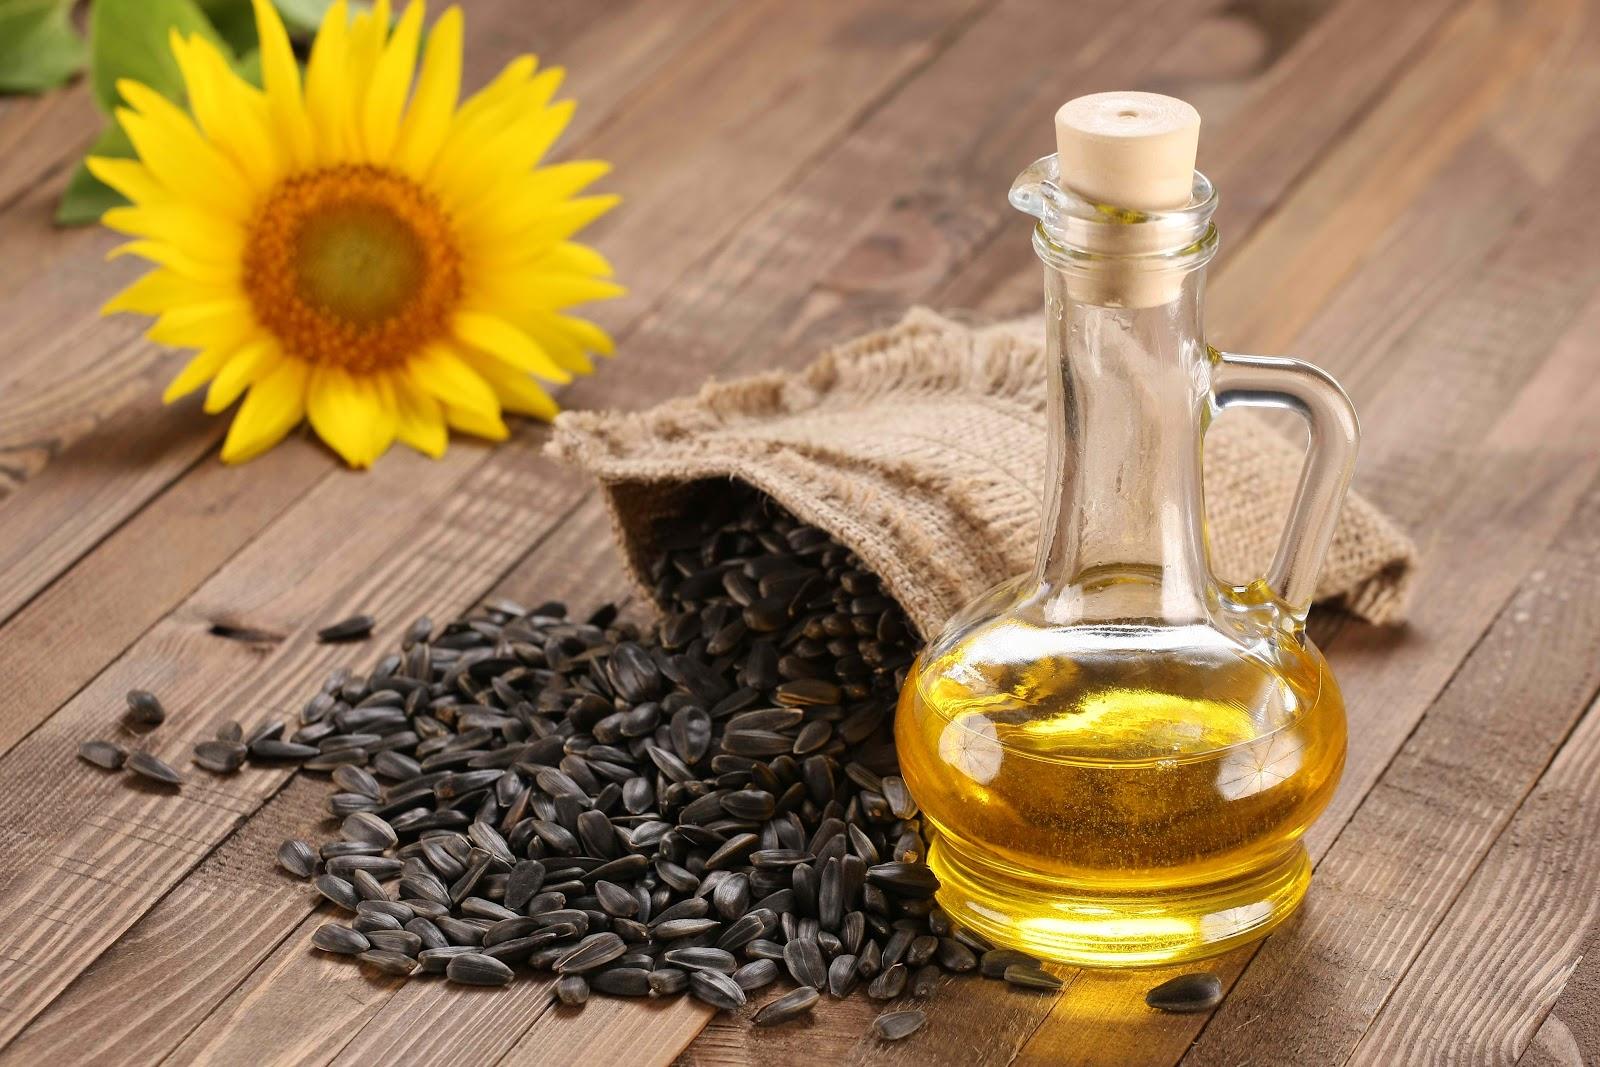 Gia đình nào cũng phải sử dụng dầu ăn để nấu nướng, vậy chọn dầu ăn như thế nào để tốt cho sức khỏe? - Ảnh 5.